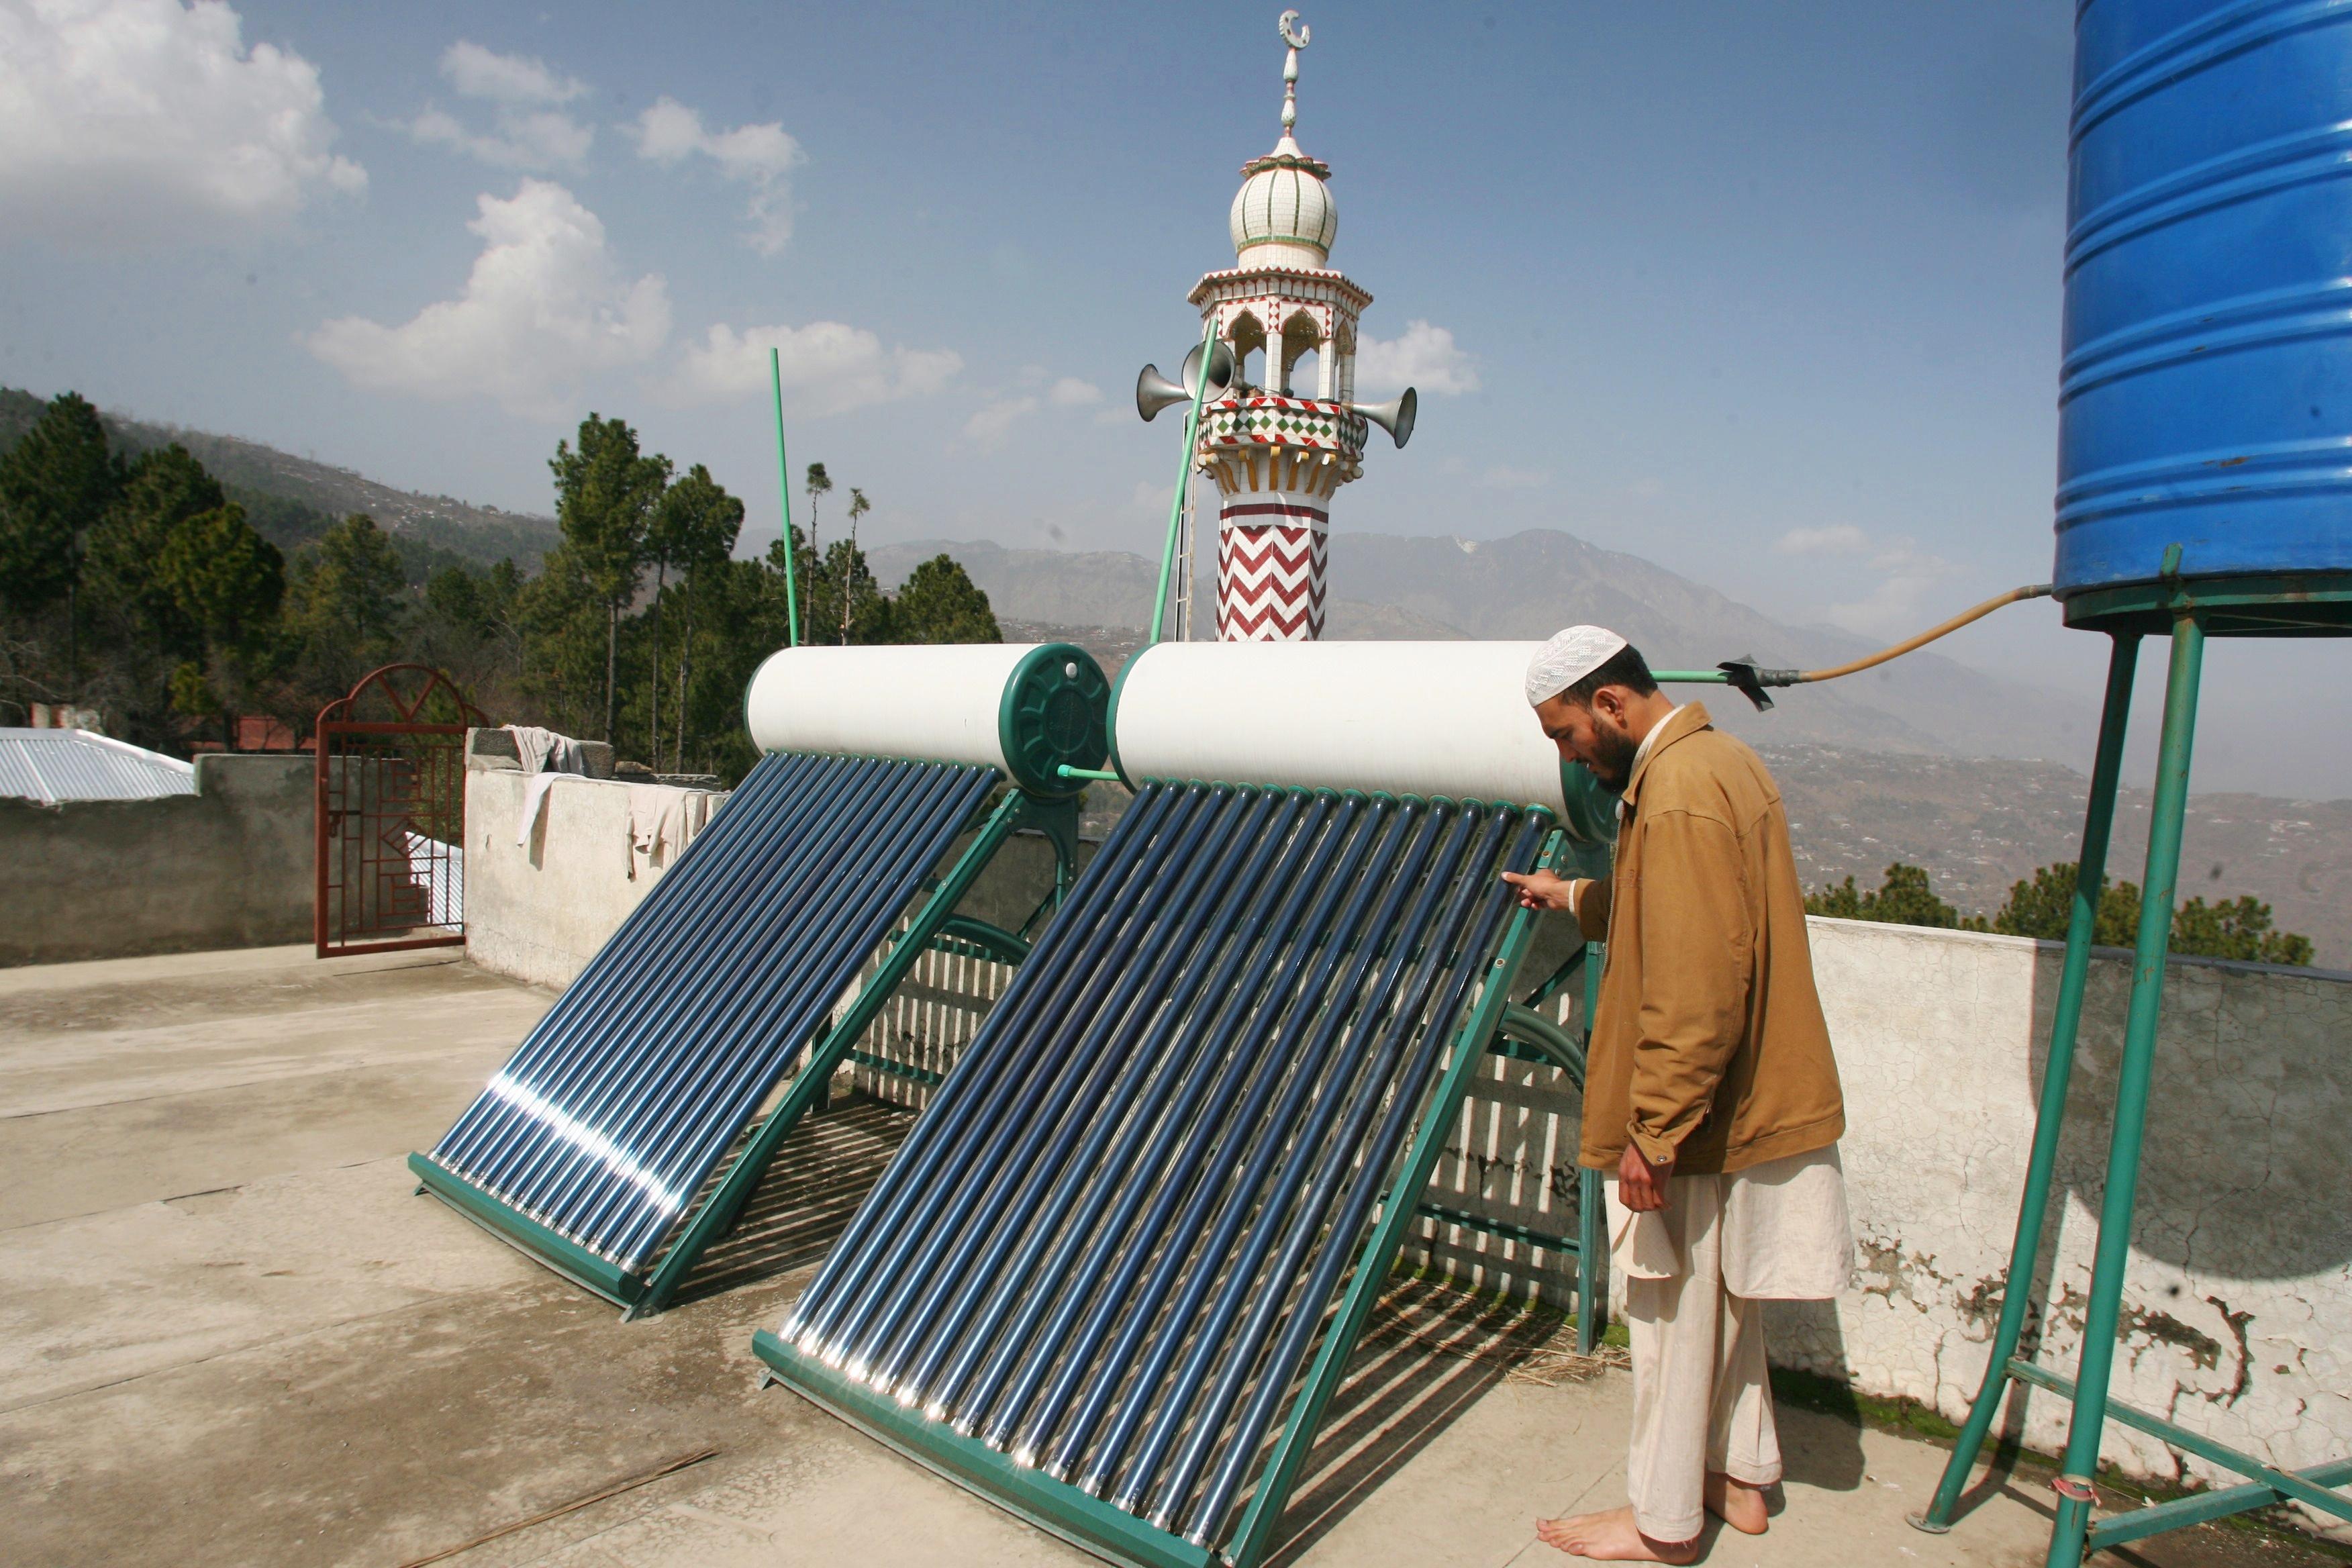 La energ a solar t rmica es la fuente m s econ mica y for Calefaccion economica